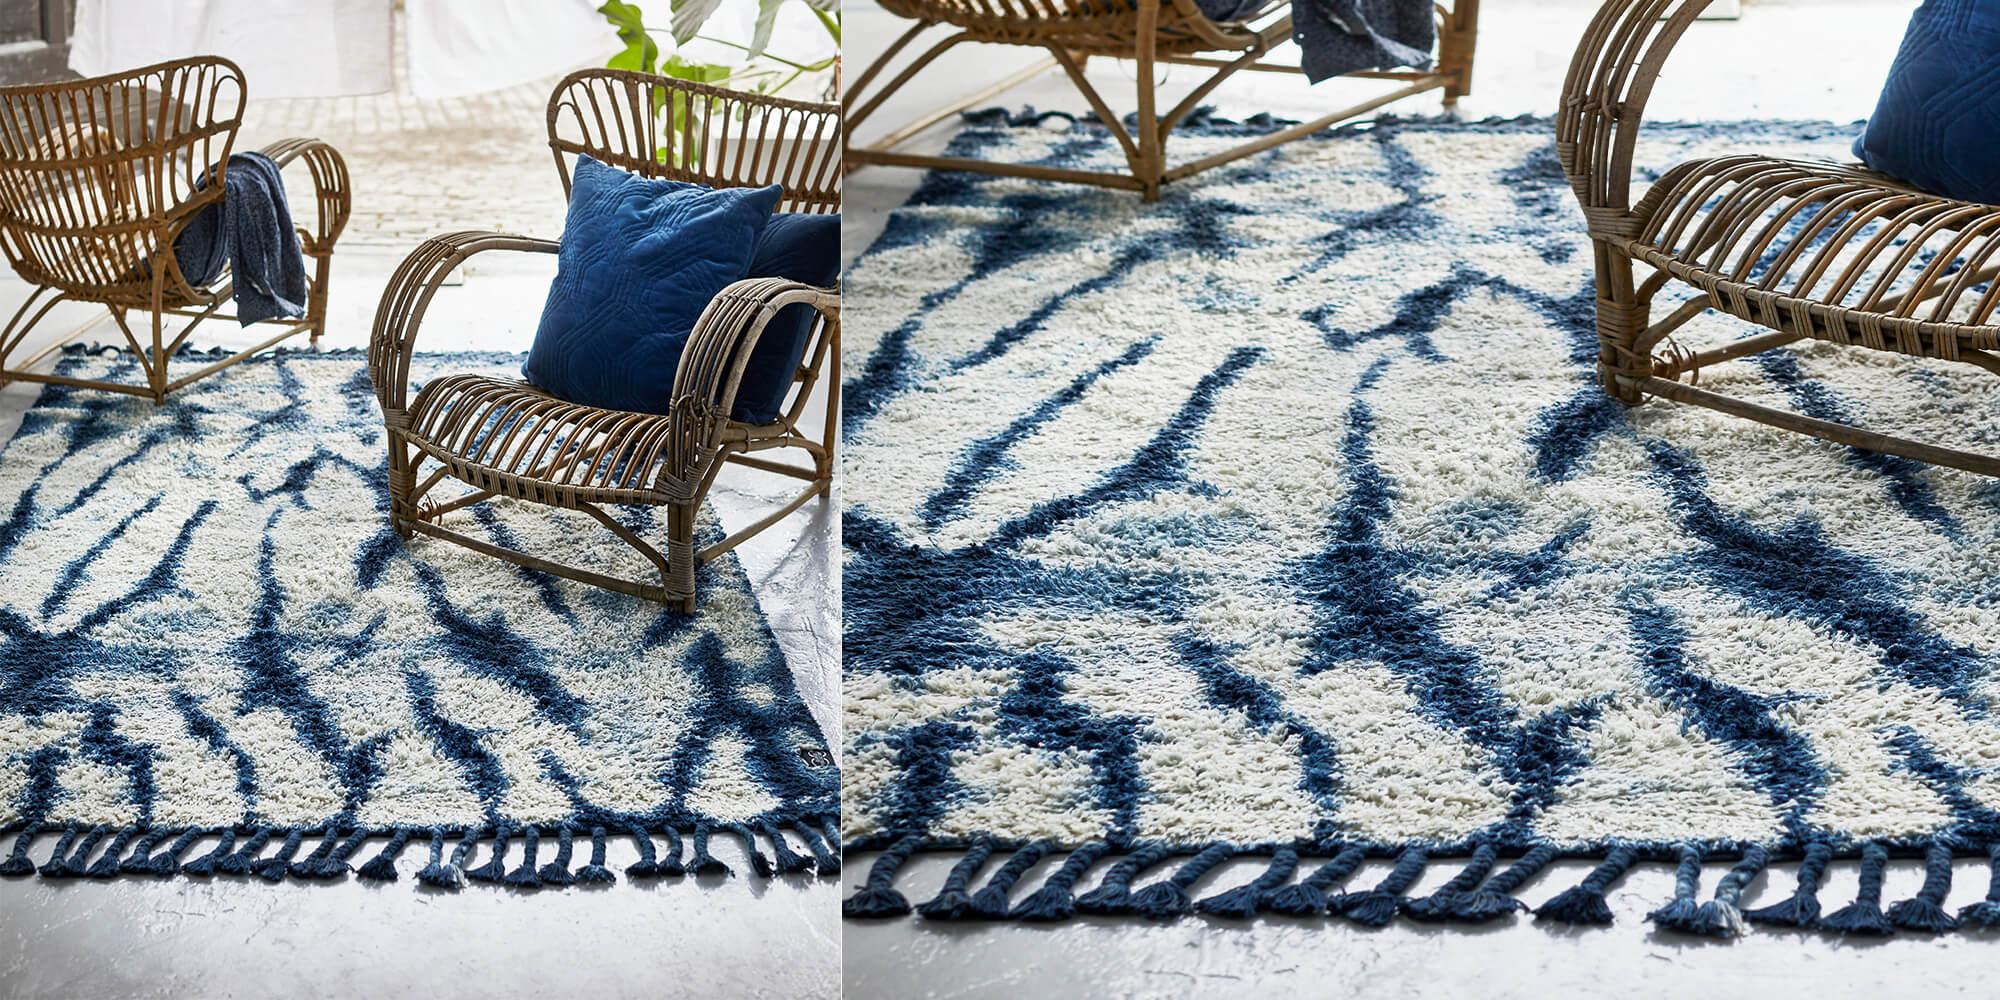 Strand-Feeling mit Batik-Teppich